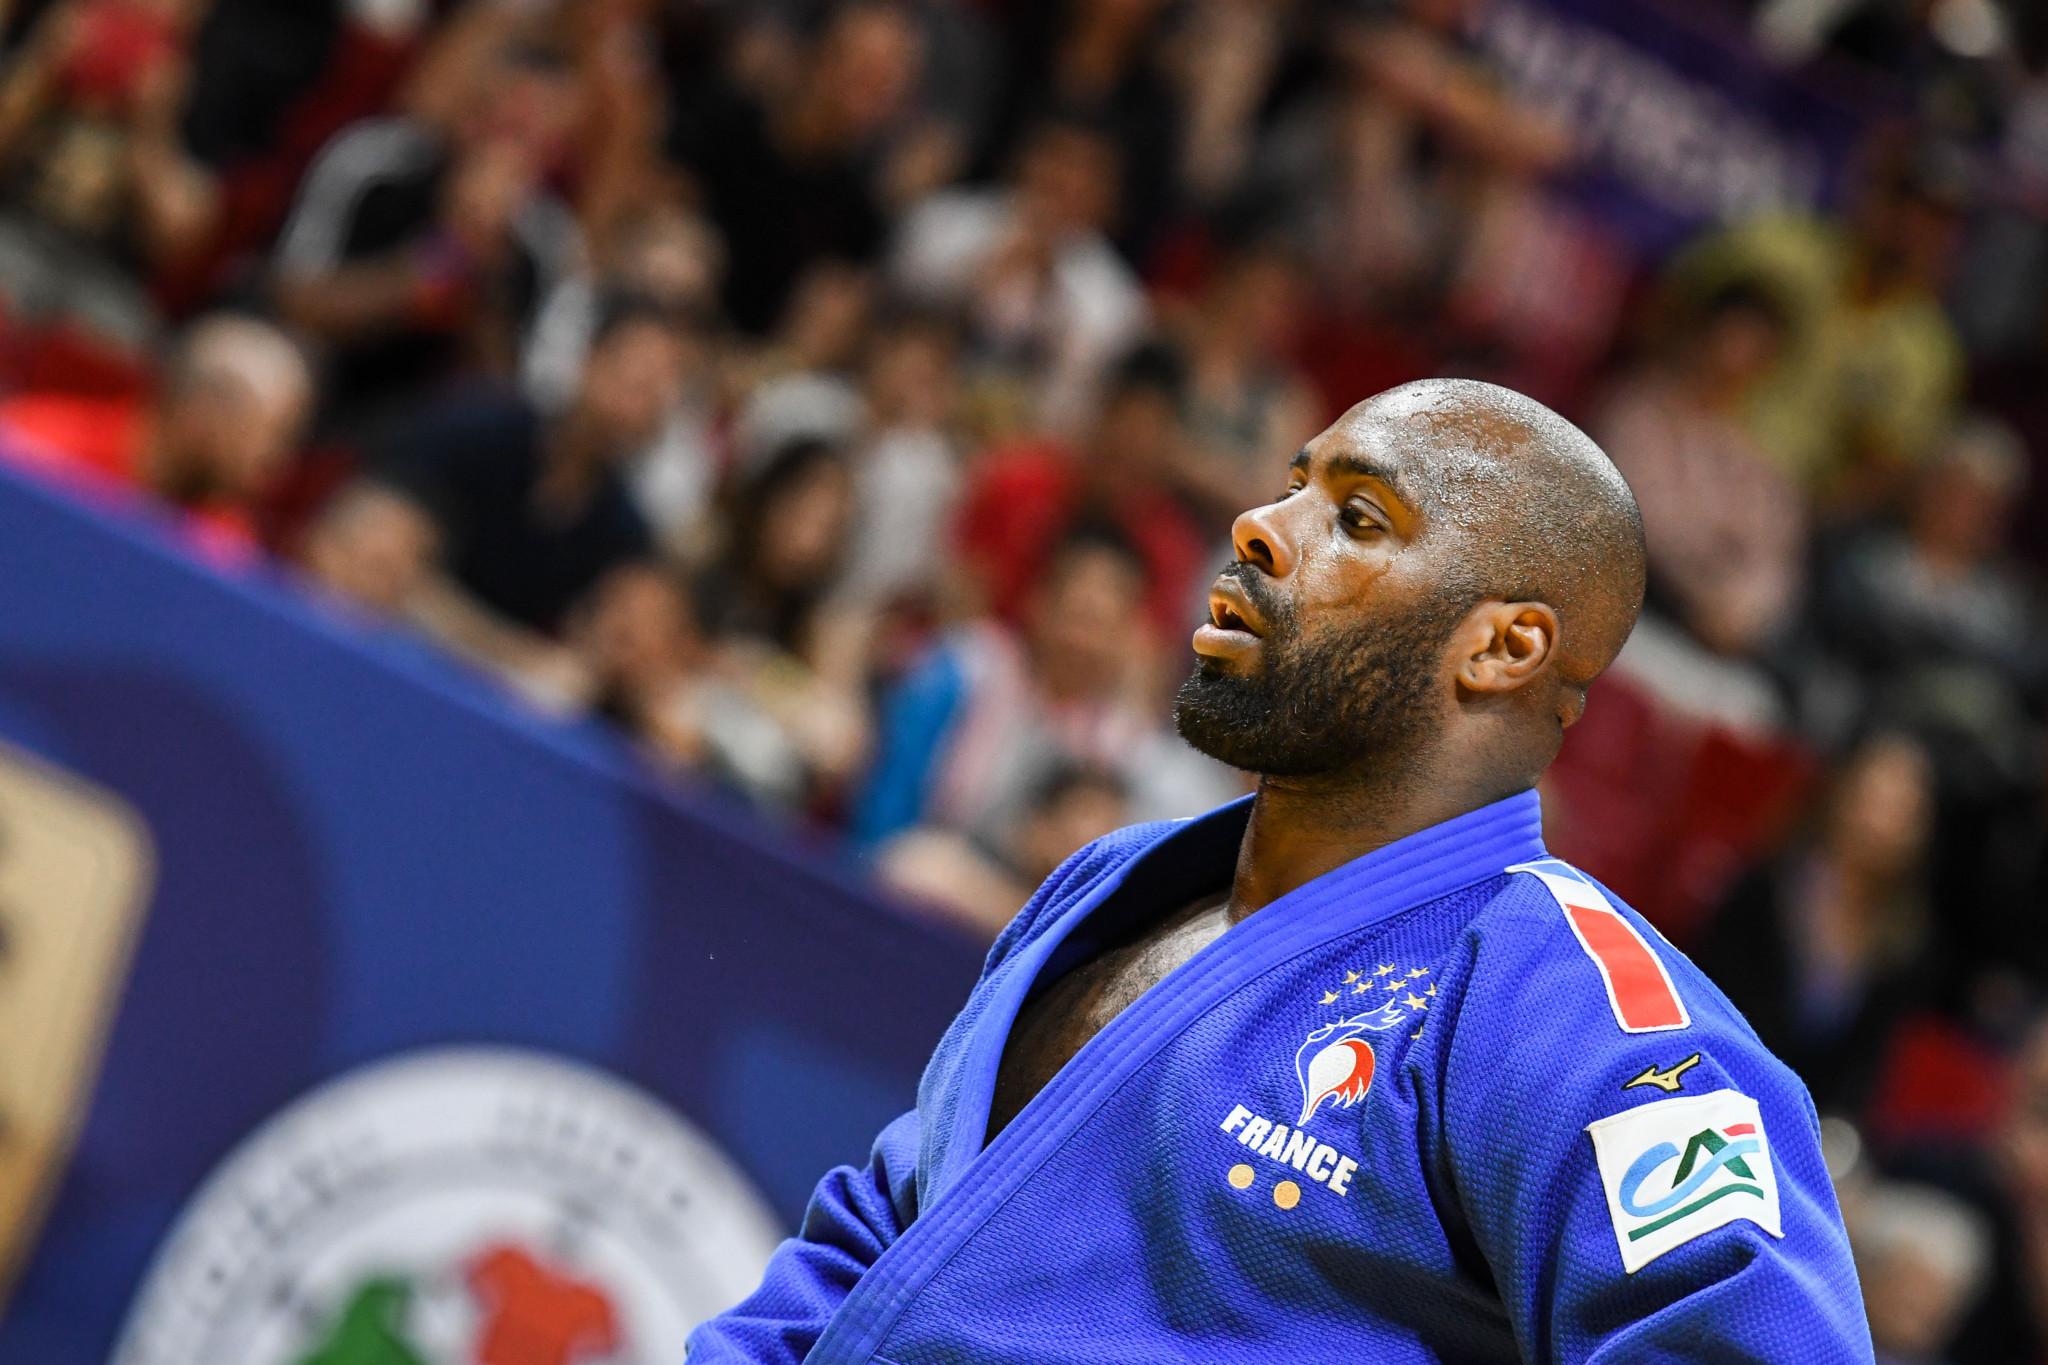 International Judo Federation slams Paris racism after legend Riner targeted